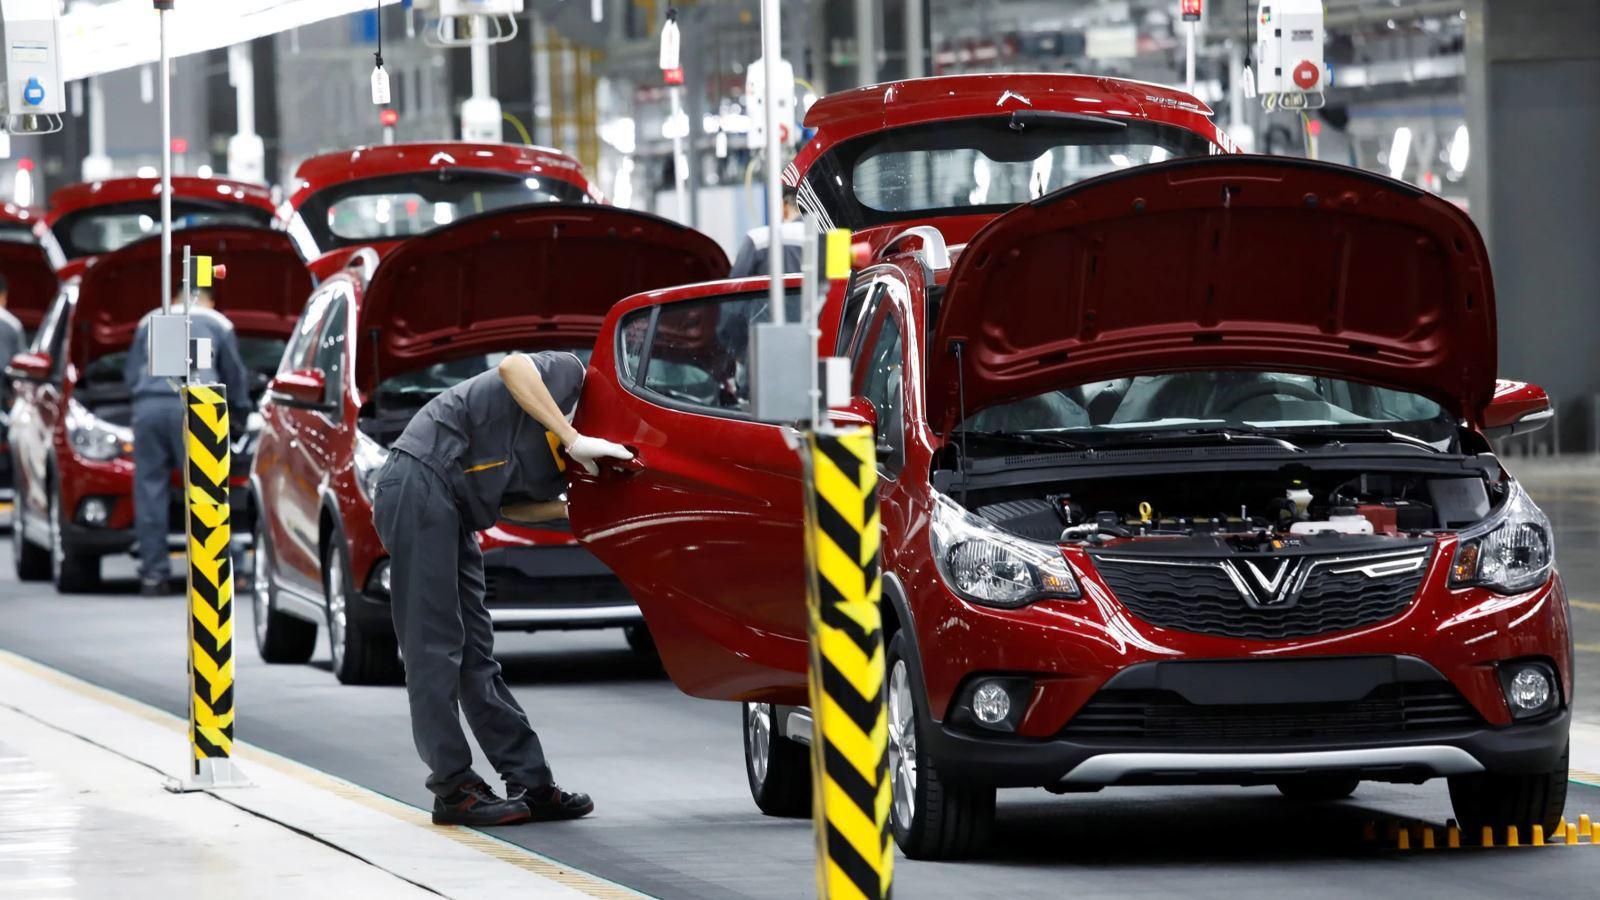 Đại lý hạ giá, nhà nước giảm thu phí: Ô tô vẫn ế đầy kho - Ảnh 2.